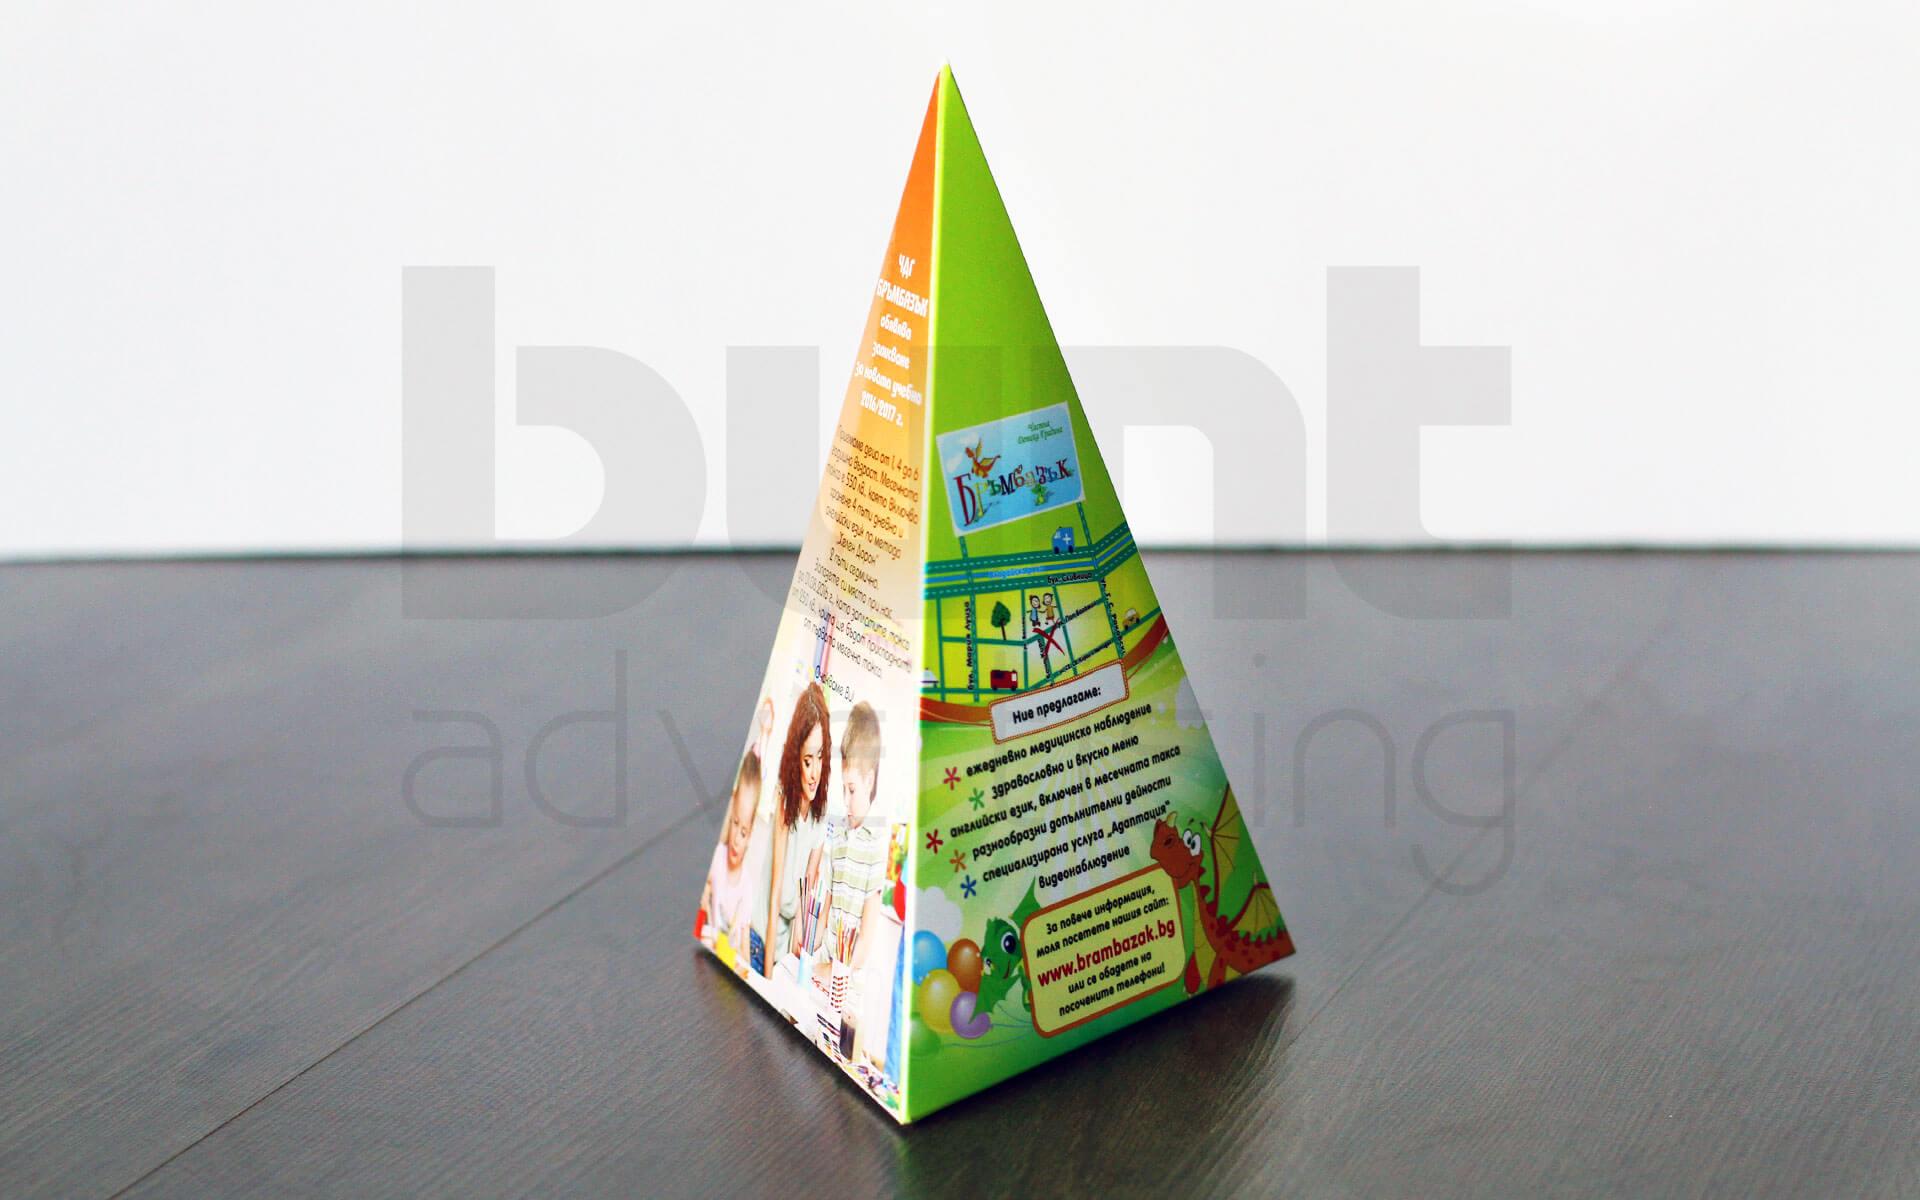 Тристранна пирамидка за заведение или ресторант, изработена от висококачествена хромова хартия.